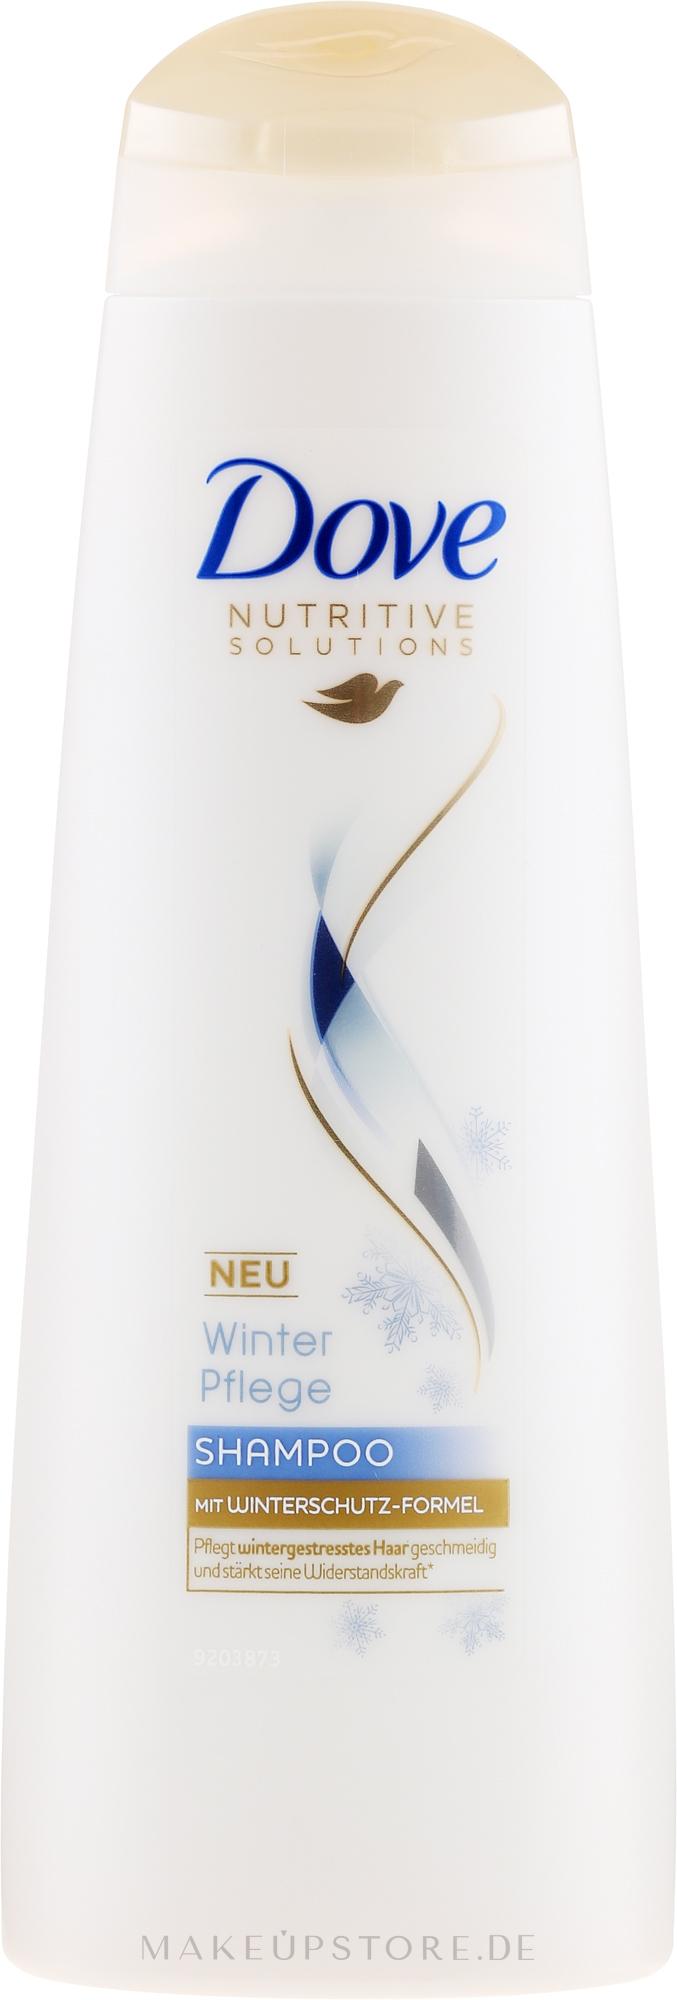 Stärkendes Pflegeshampoo mit Winterschutz-Formel für mehr Glanz und Geschmeidigkeit - Dove Limited Edition Winterpflege Shampoo — Bild 250 ml